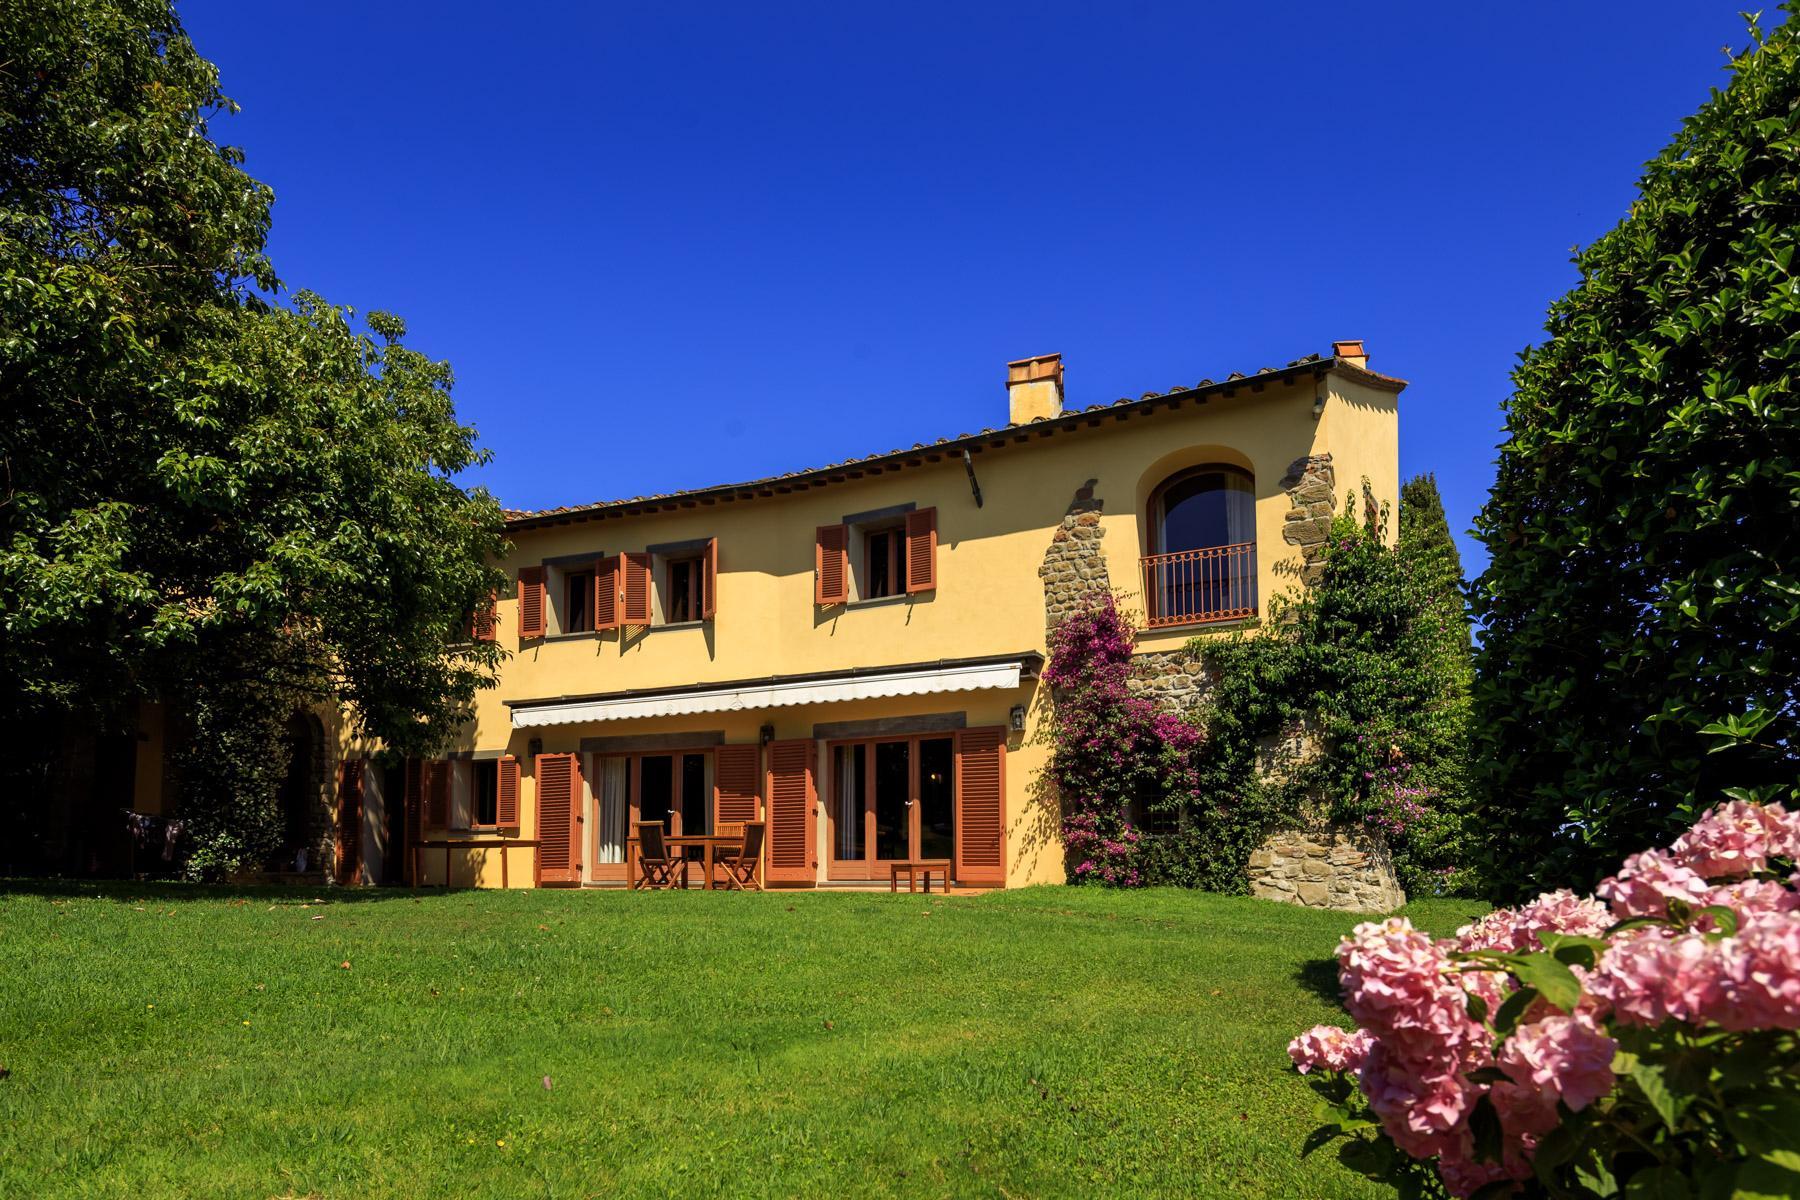 Villa mit Panorama-Blick auf die Versilia - 1